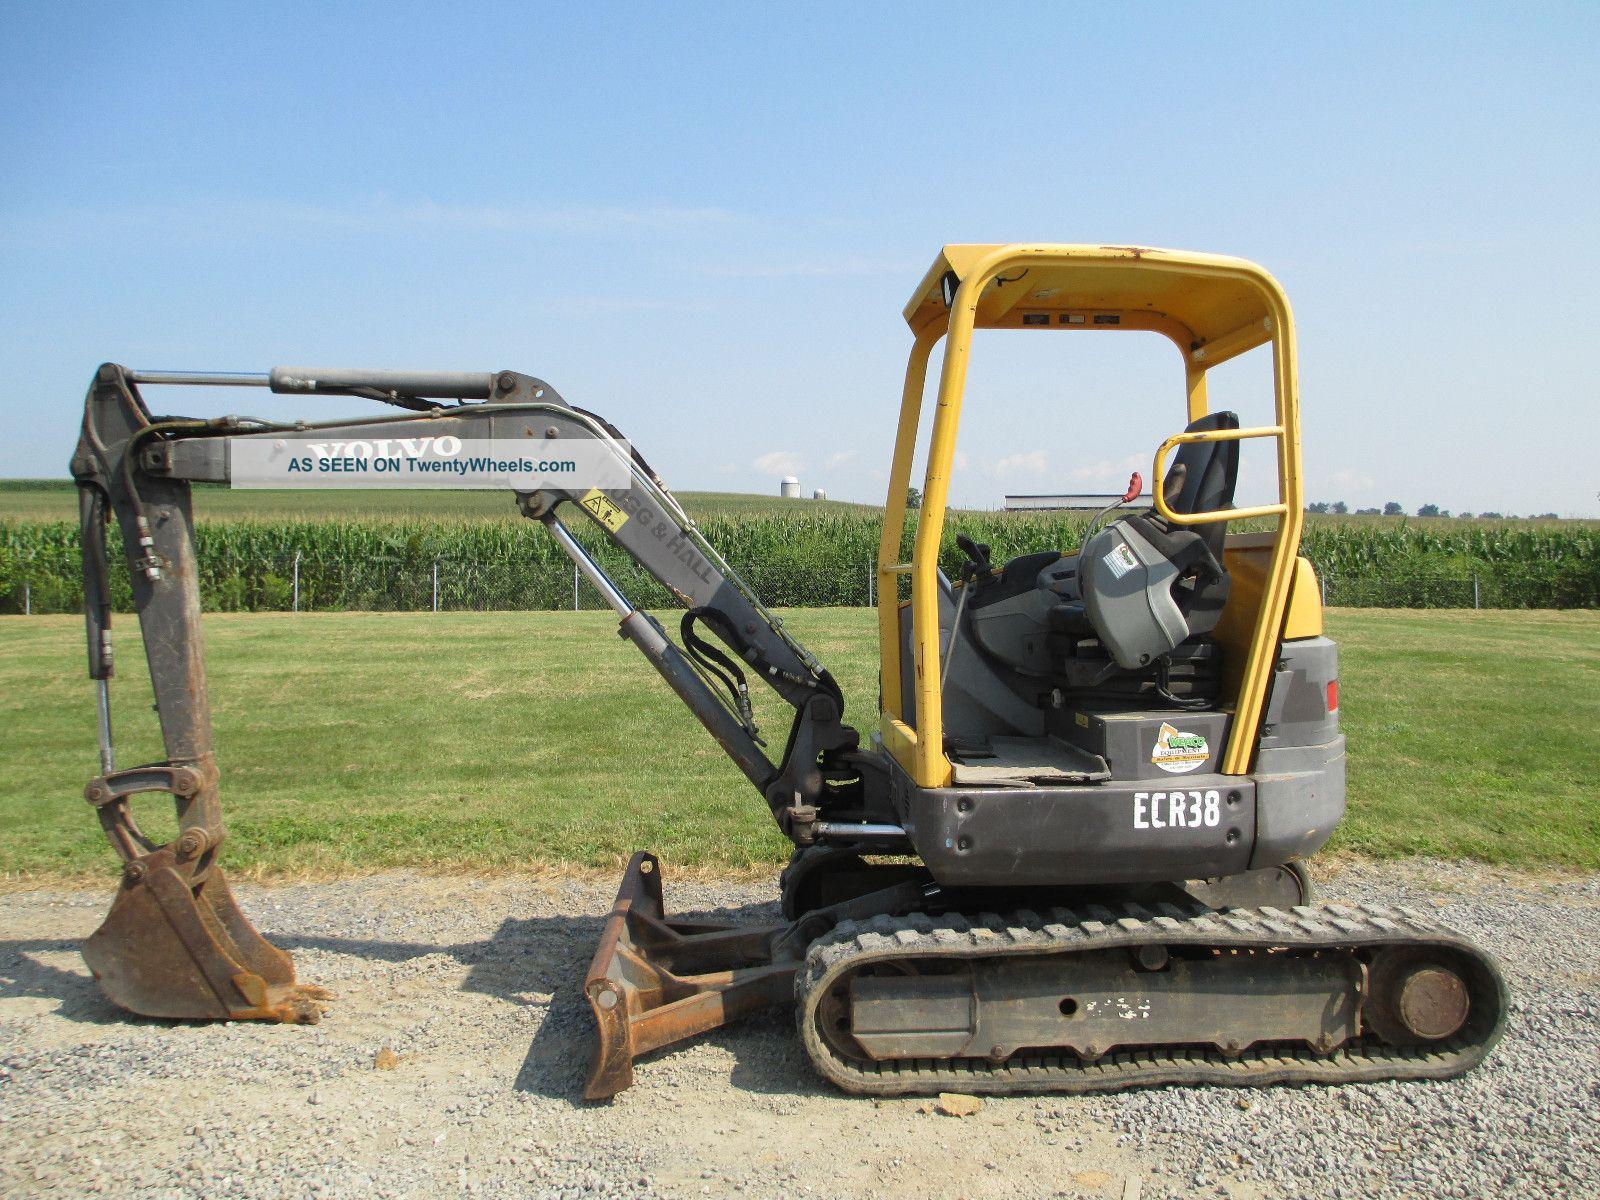 2006 Volvo Ecr38 Mini Excavator,  Zero Turn Tail,  With Only 2376 Hours,  7500 Lb. Excavators photo